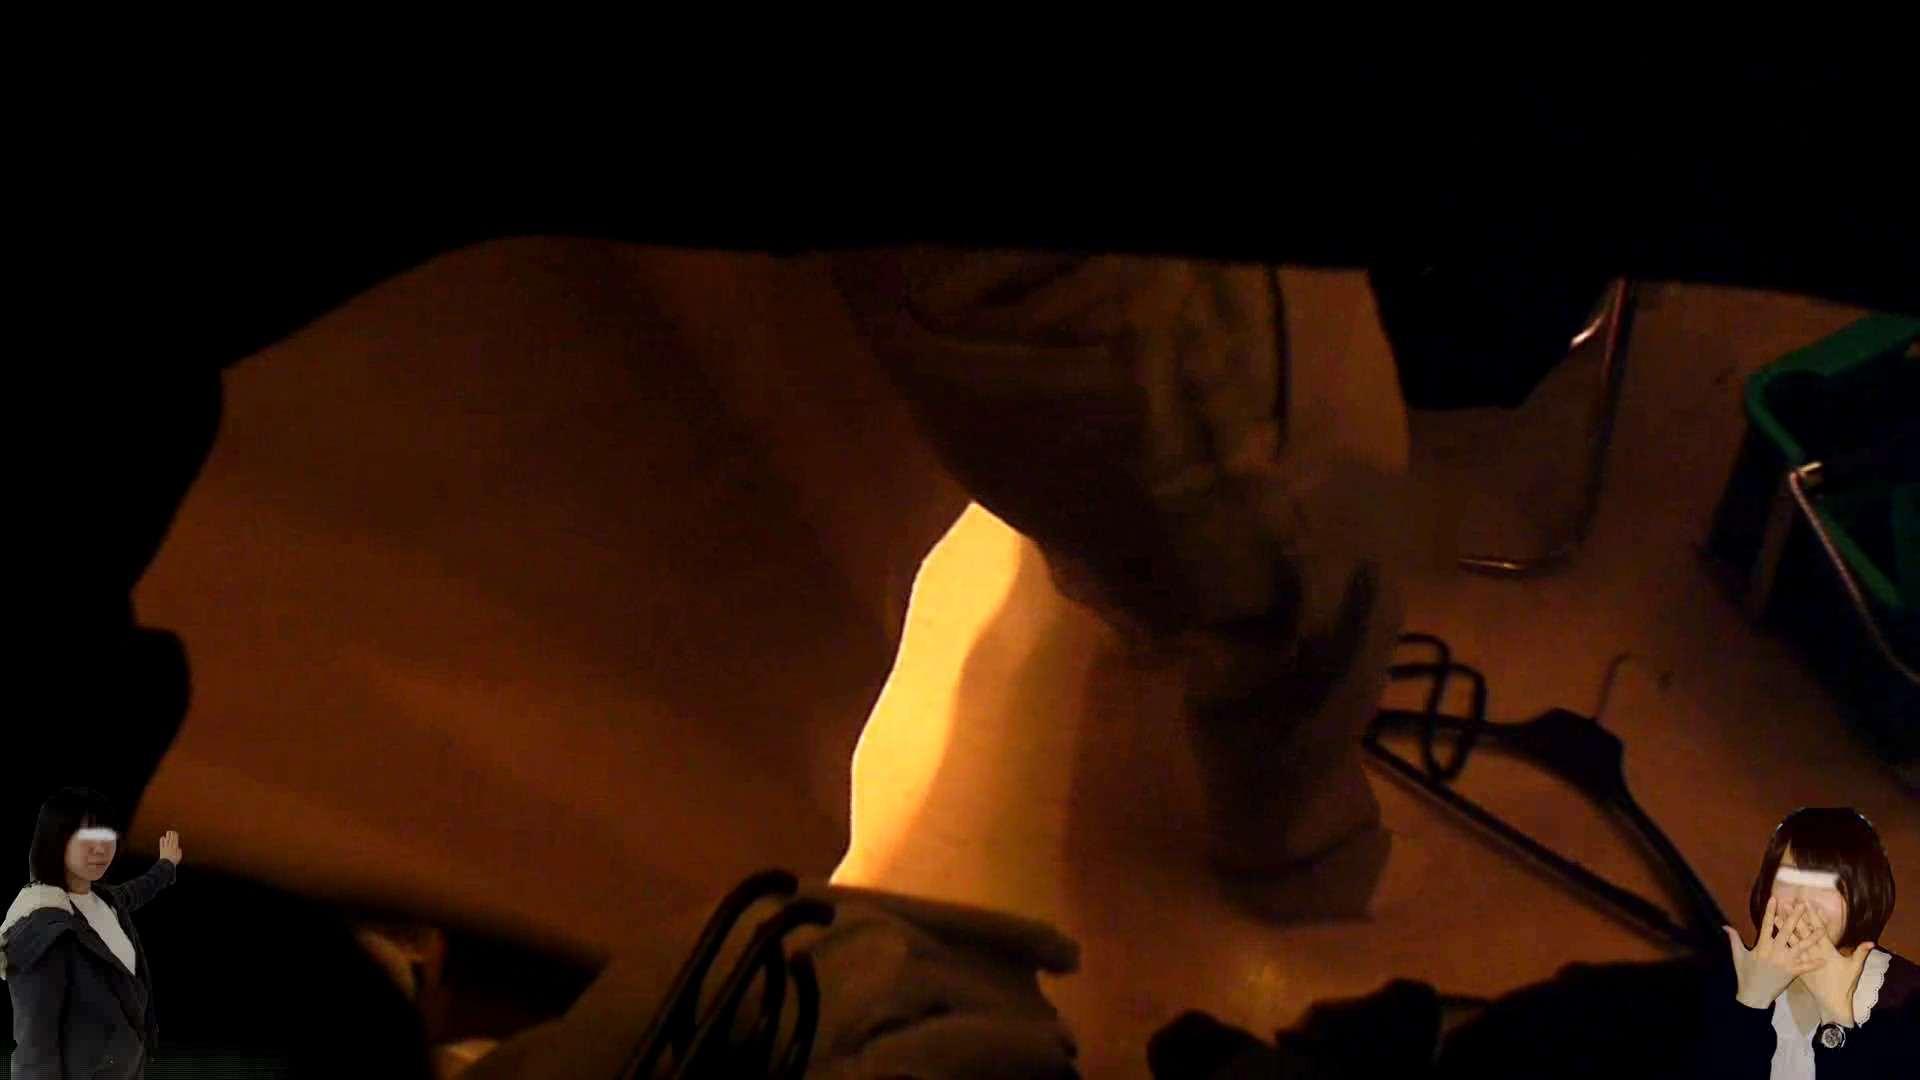 素人投稿 現役「JD」Eちゃんの着替え Vol.05 着替え 盗撮セックス無修正動画無料 111画像 75